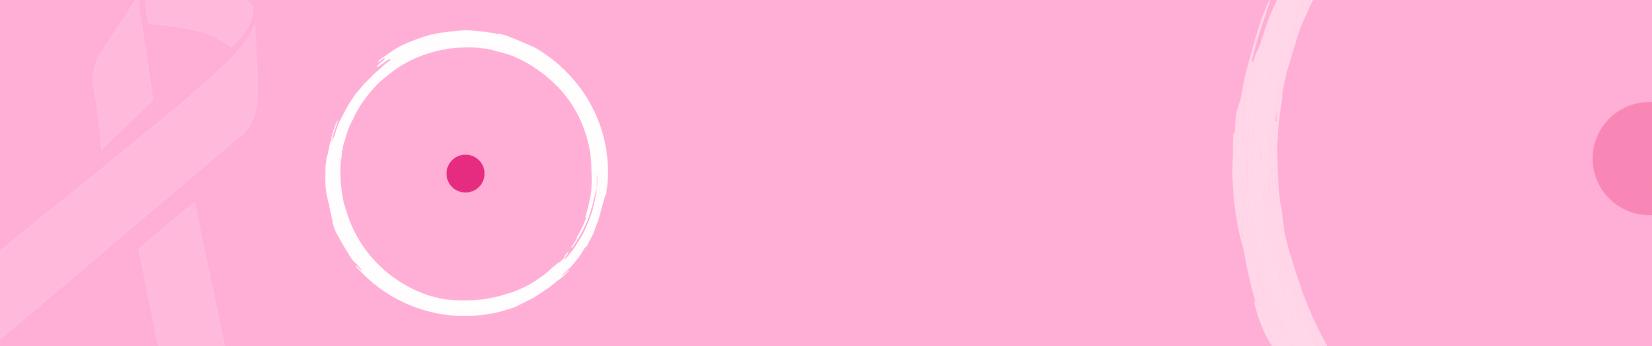 slider-dia-outubro-rosa-002